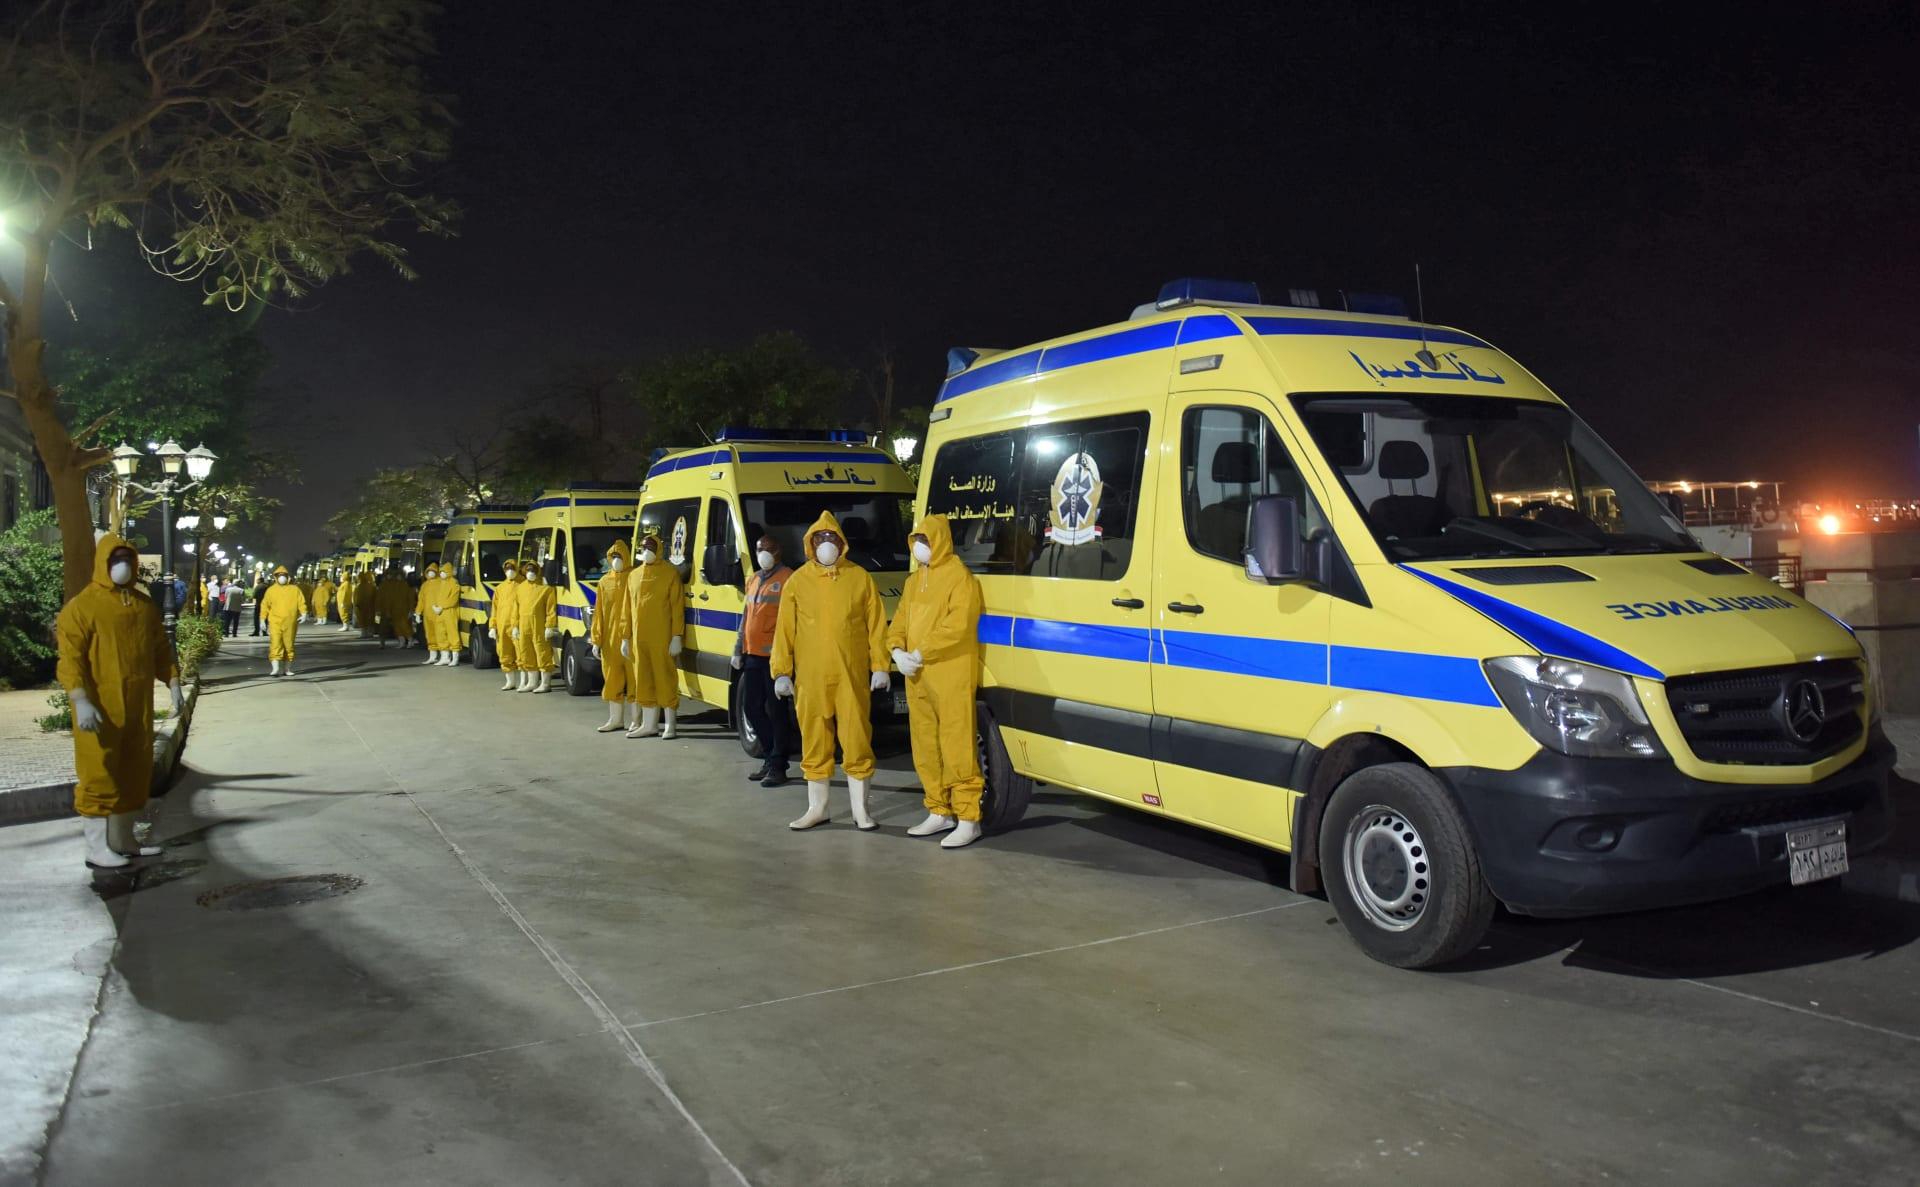 مقتل 8 مرضى بفيروس كورونا وإصابة 5 على الأقل في حريق مستشفى مصري